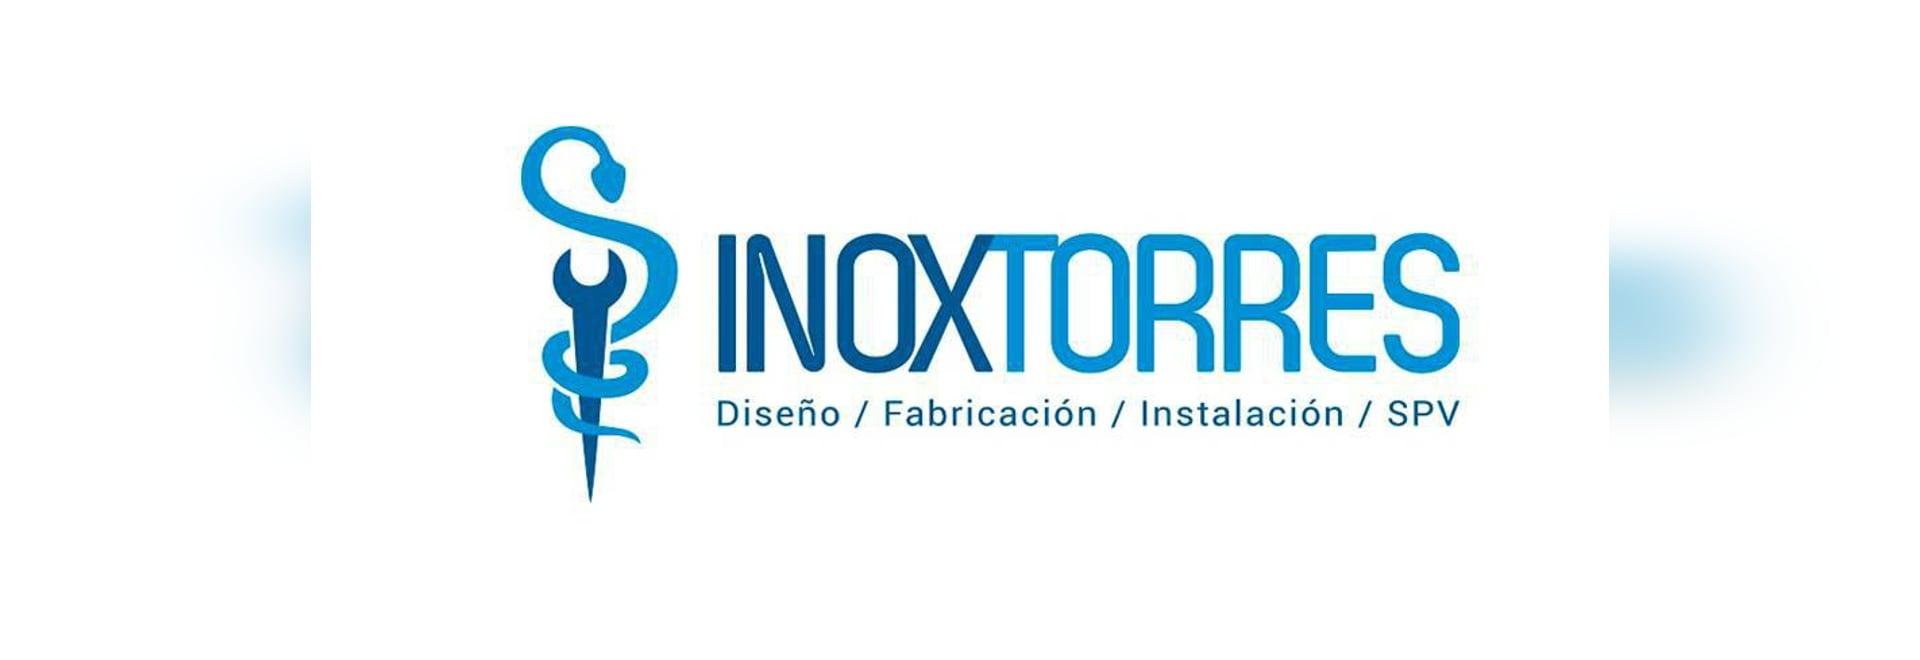 Inoxtorres SL - Sterilization division